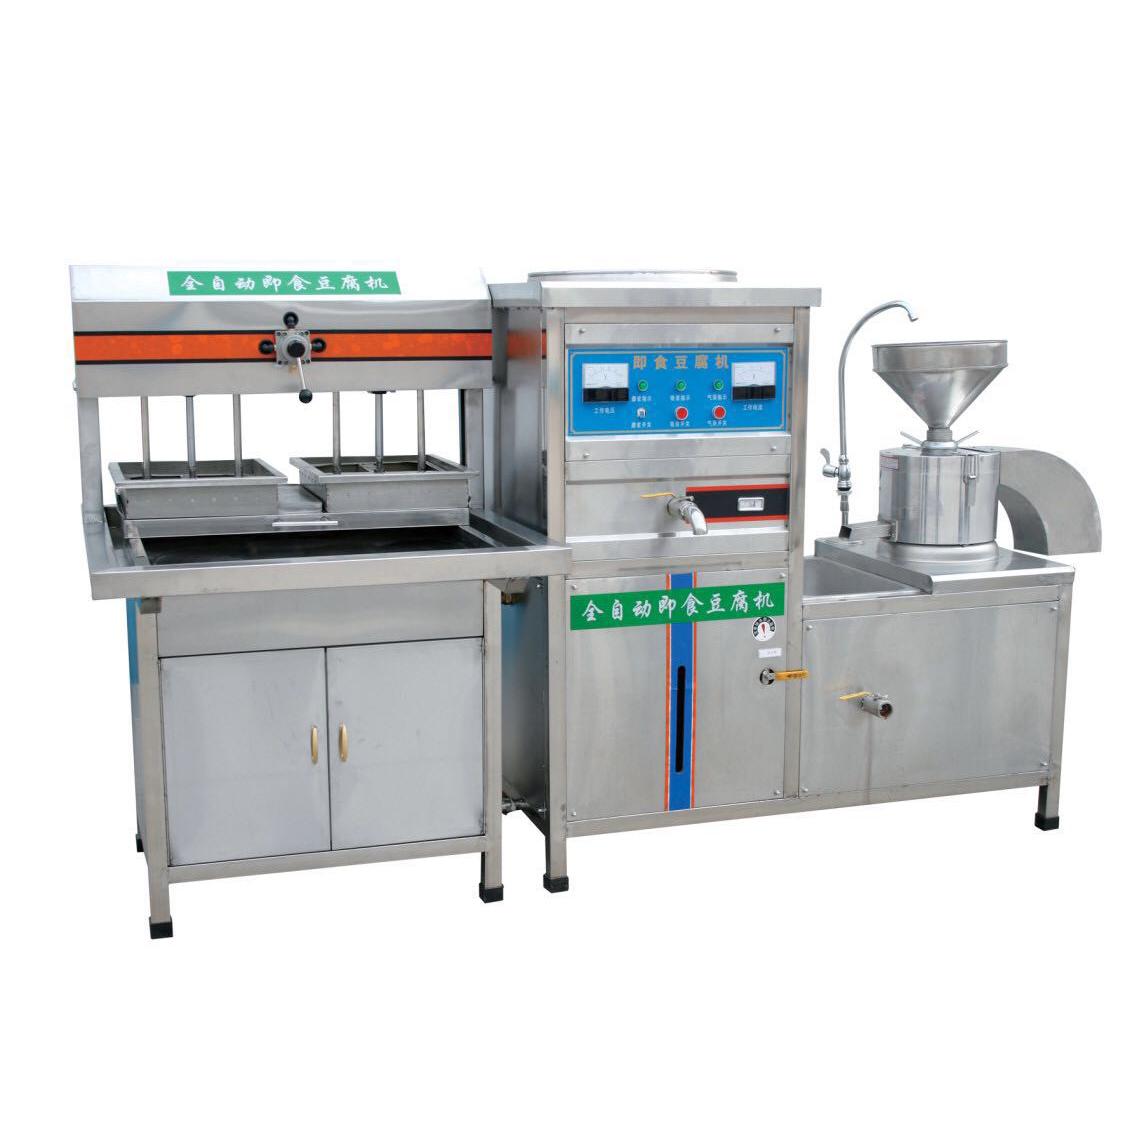 河南豆腐机供应商|价格优惠的豆腐机哪里有卖